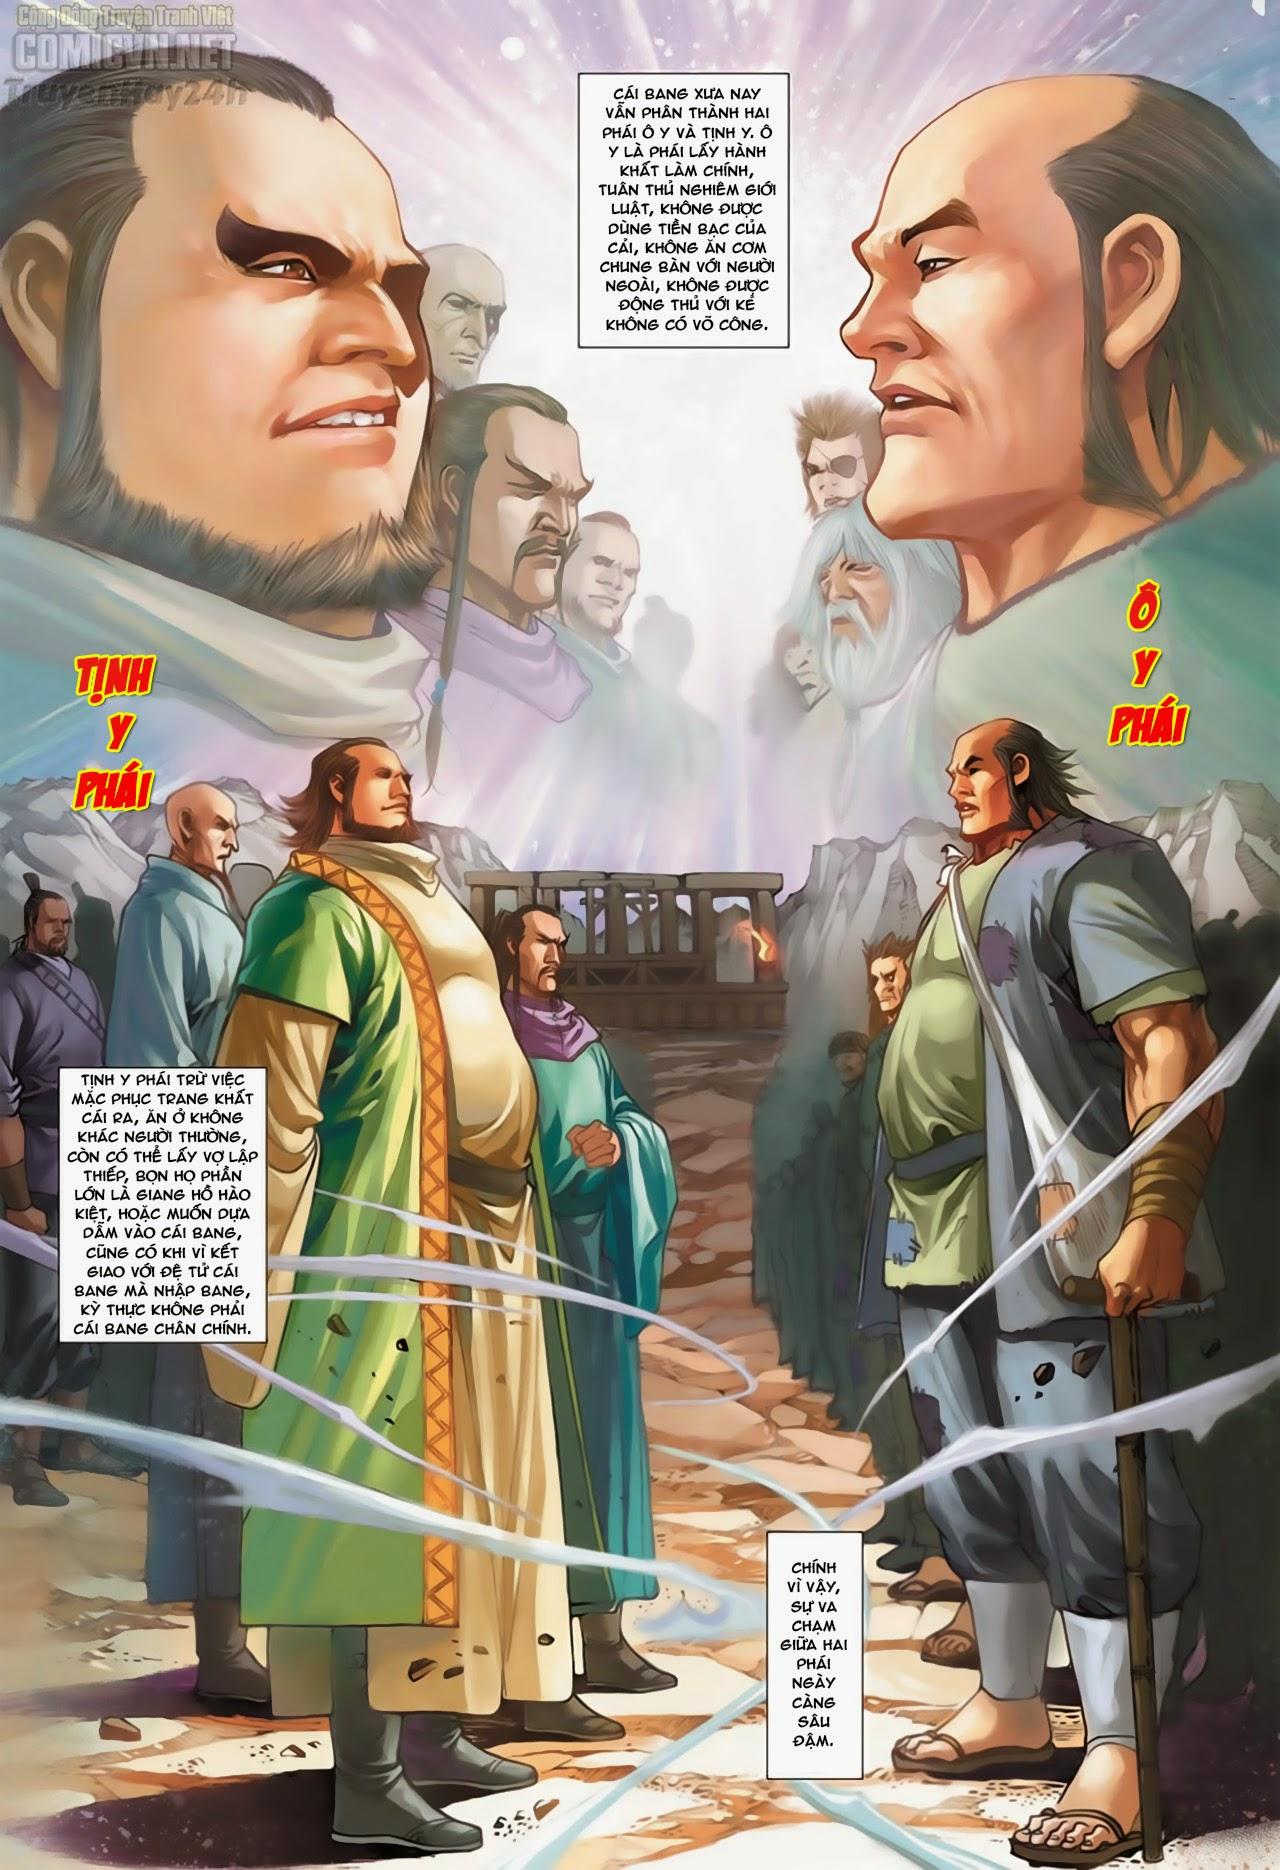 xem truyen moi - Anh Hùng Xạ Điêu - Chapter 66: Nhạc Châu Đại Hội